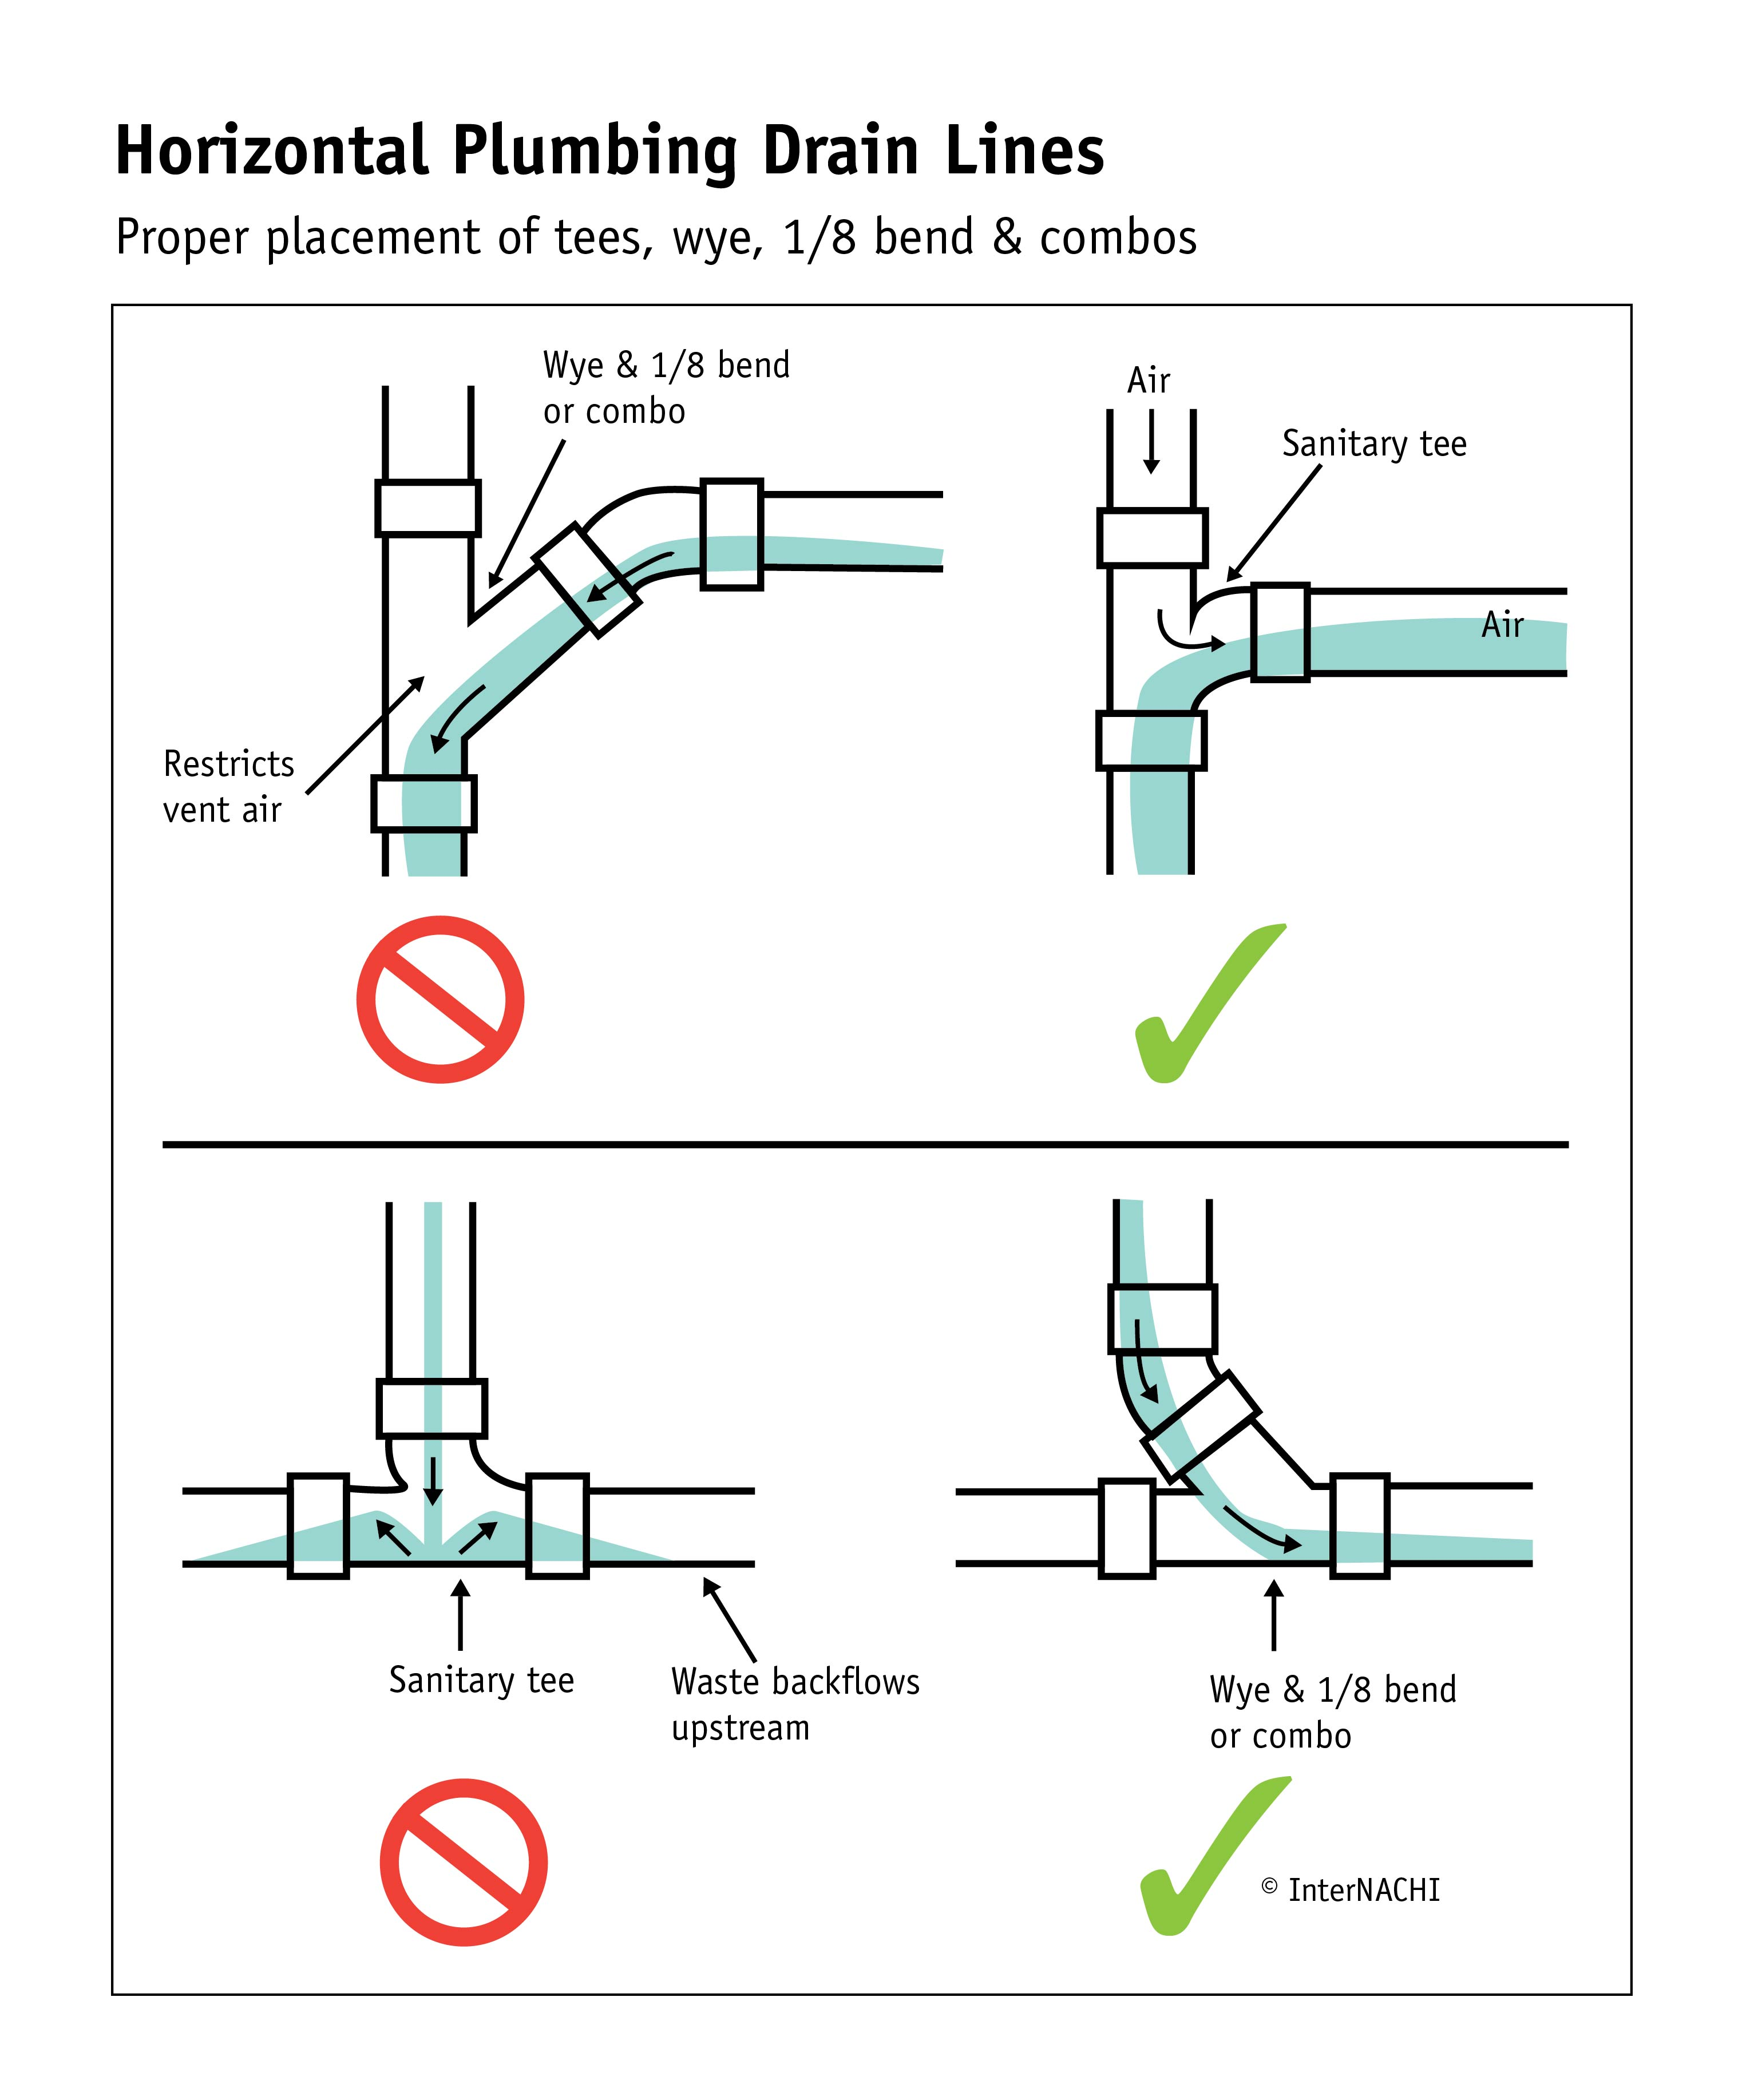 Horizontal Plumbing Drain Lines